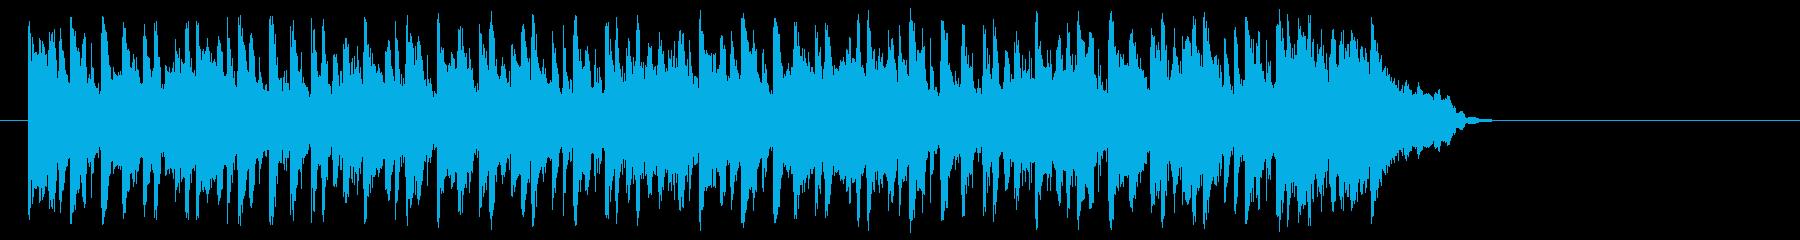 大人のポップ/ボサノバ(サビ)の再生済みの波形